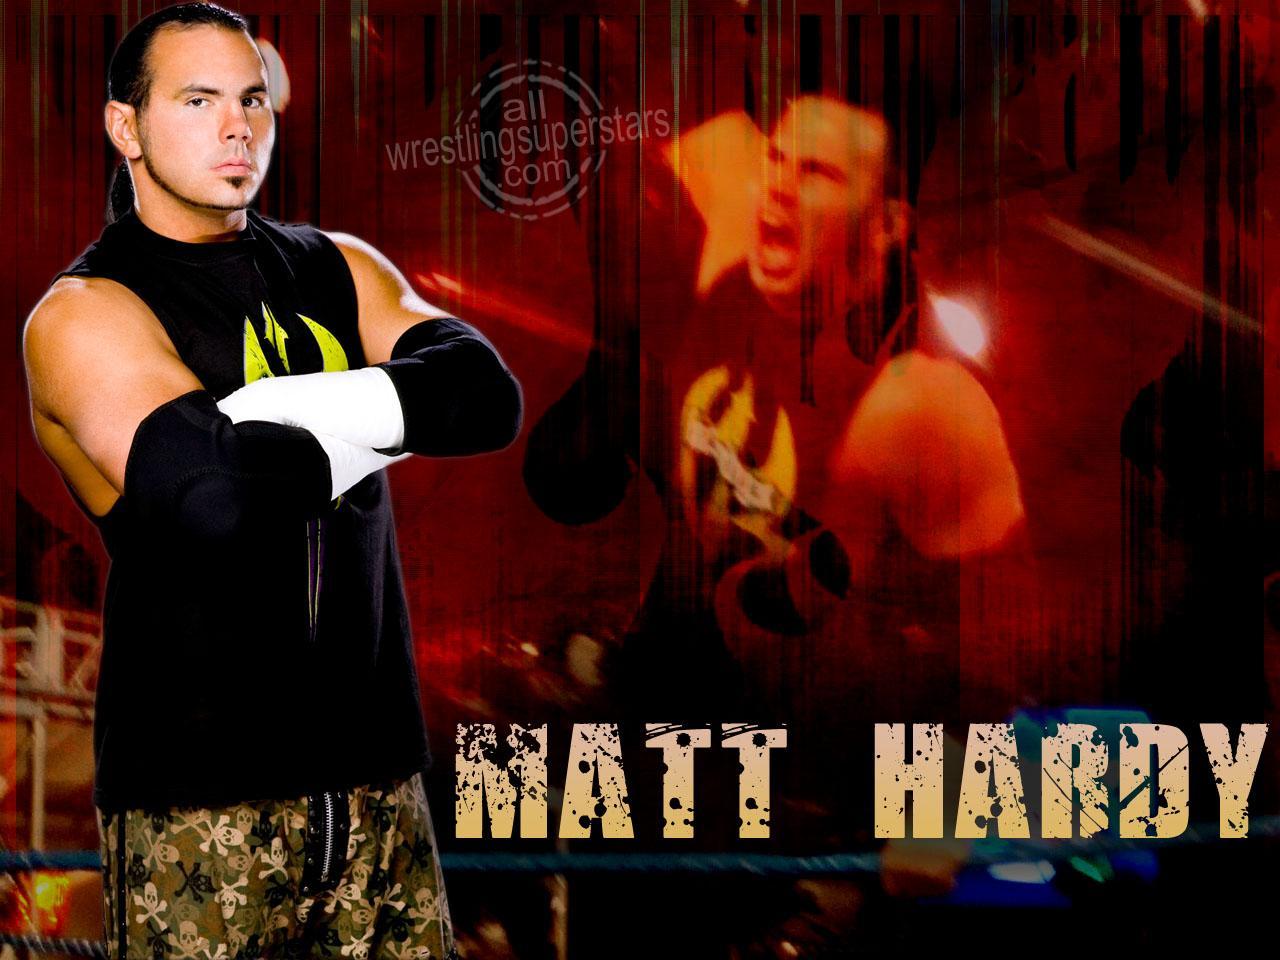 http://2.bp.blogspot.com/-QdsQlM5C1eA/TunbPlnhp-I/AAAAAAAAC20/5KiKvKUgc28/s1600/WWE+Matt+Hardy+hd+Wallpaper_4.JPG